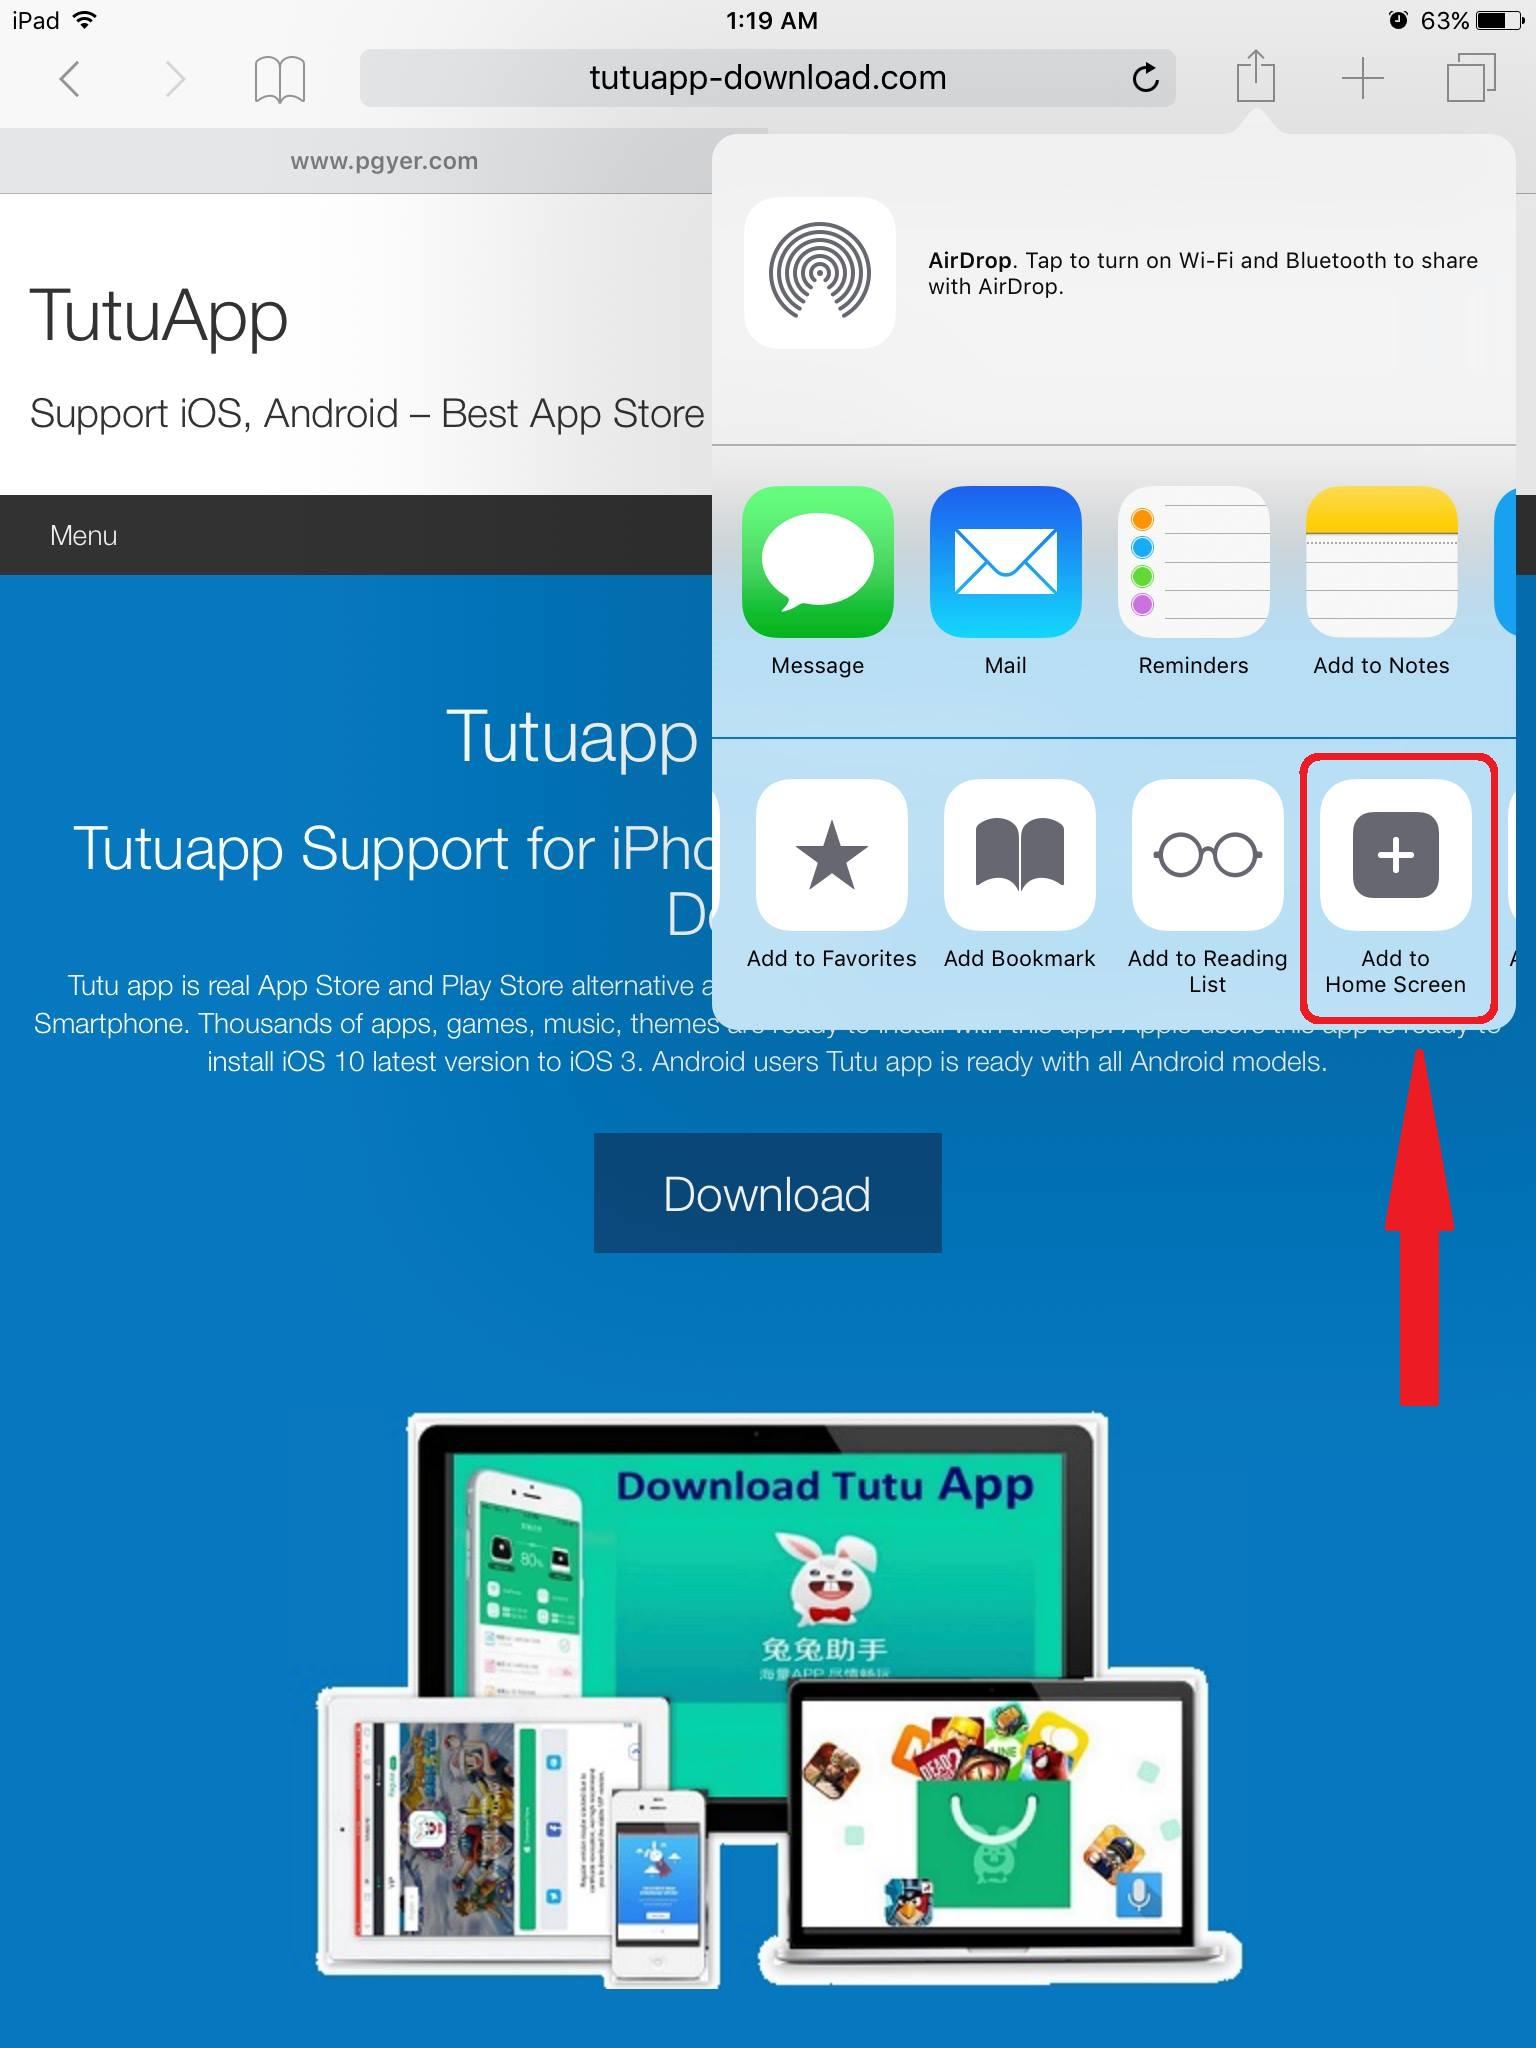 how to update tutuapp